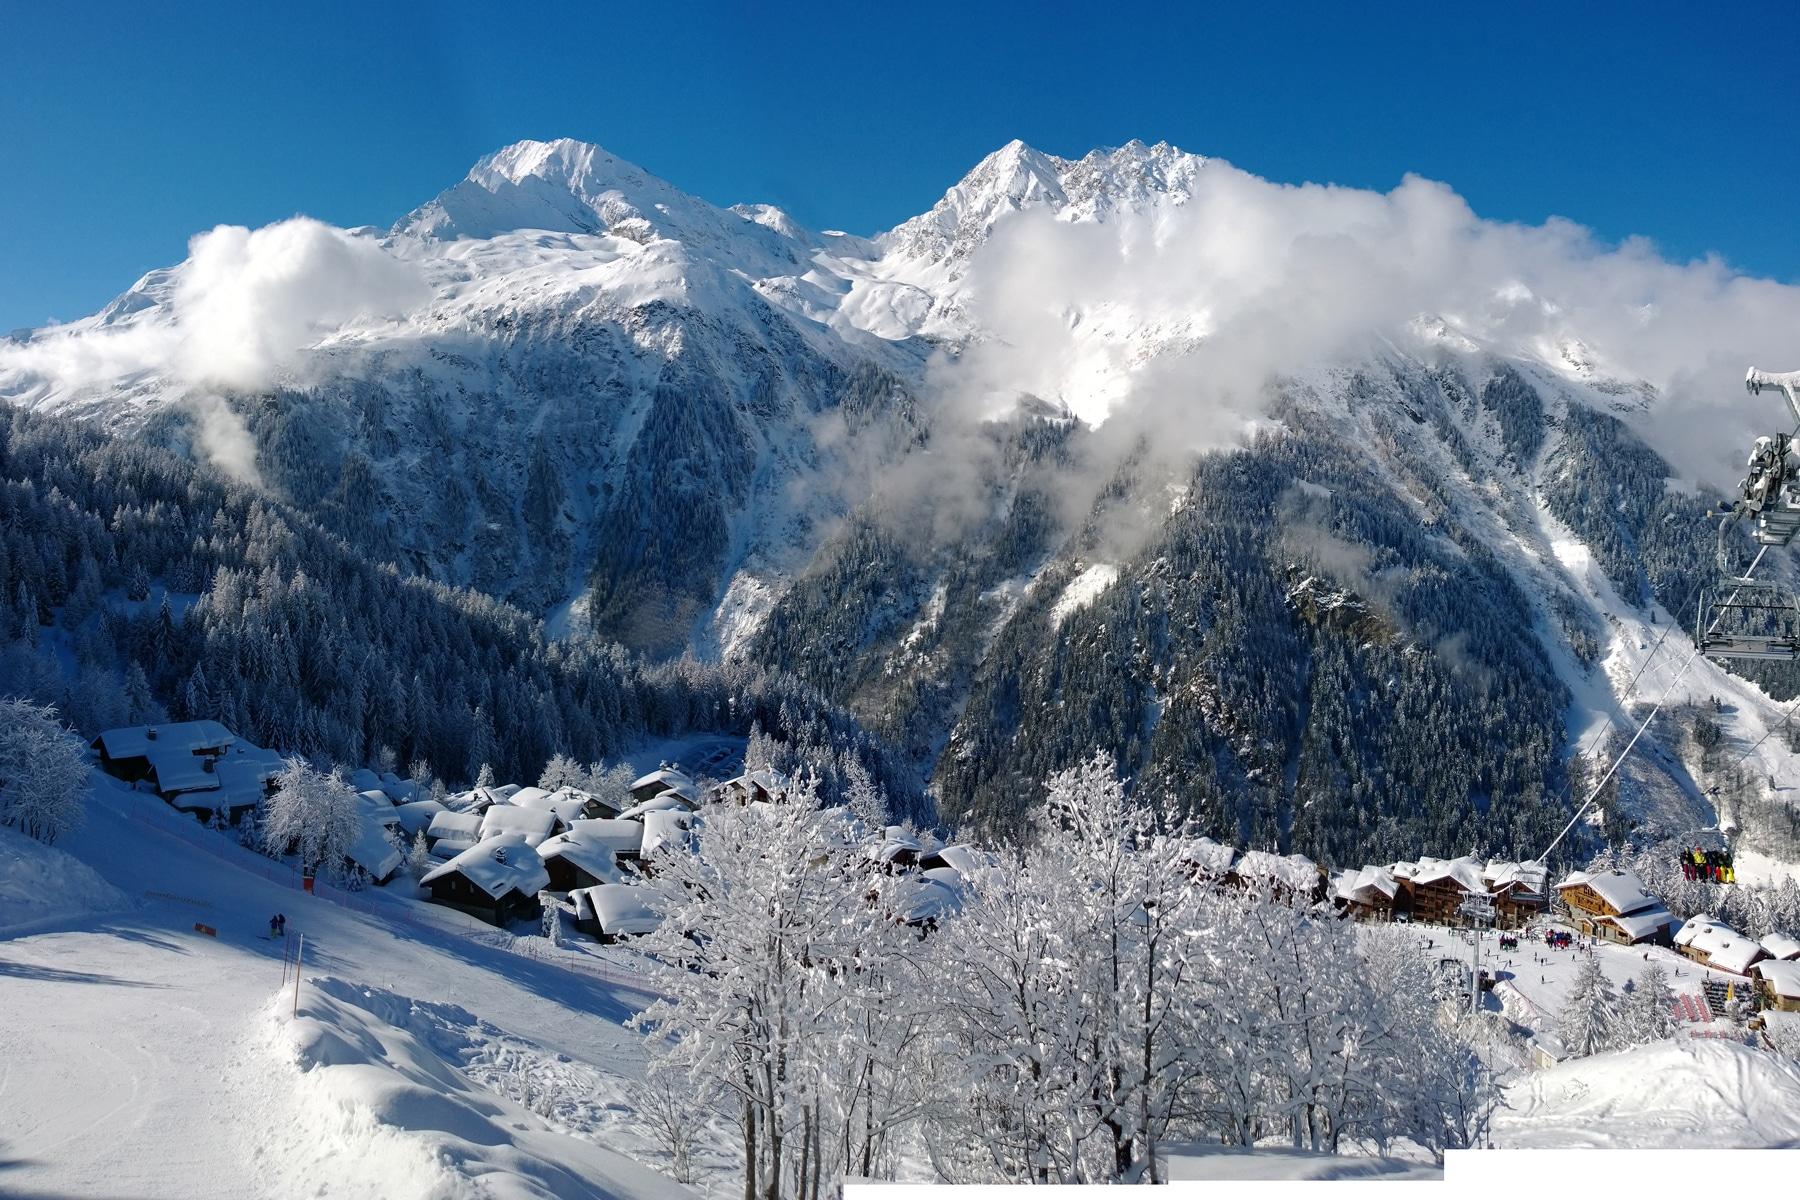 Sainte-Foy Tarentaise, 5stations de sports d'hiver françaises pour faire du grand ski